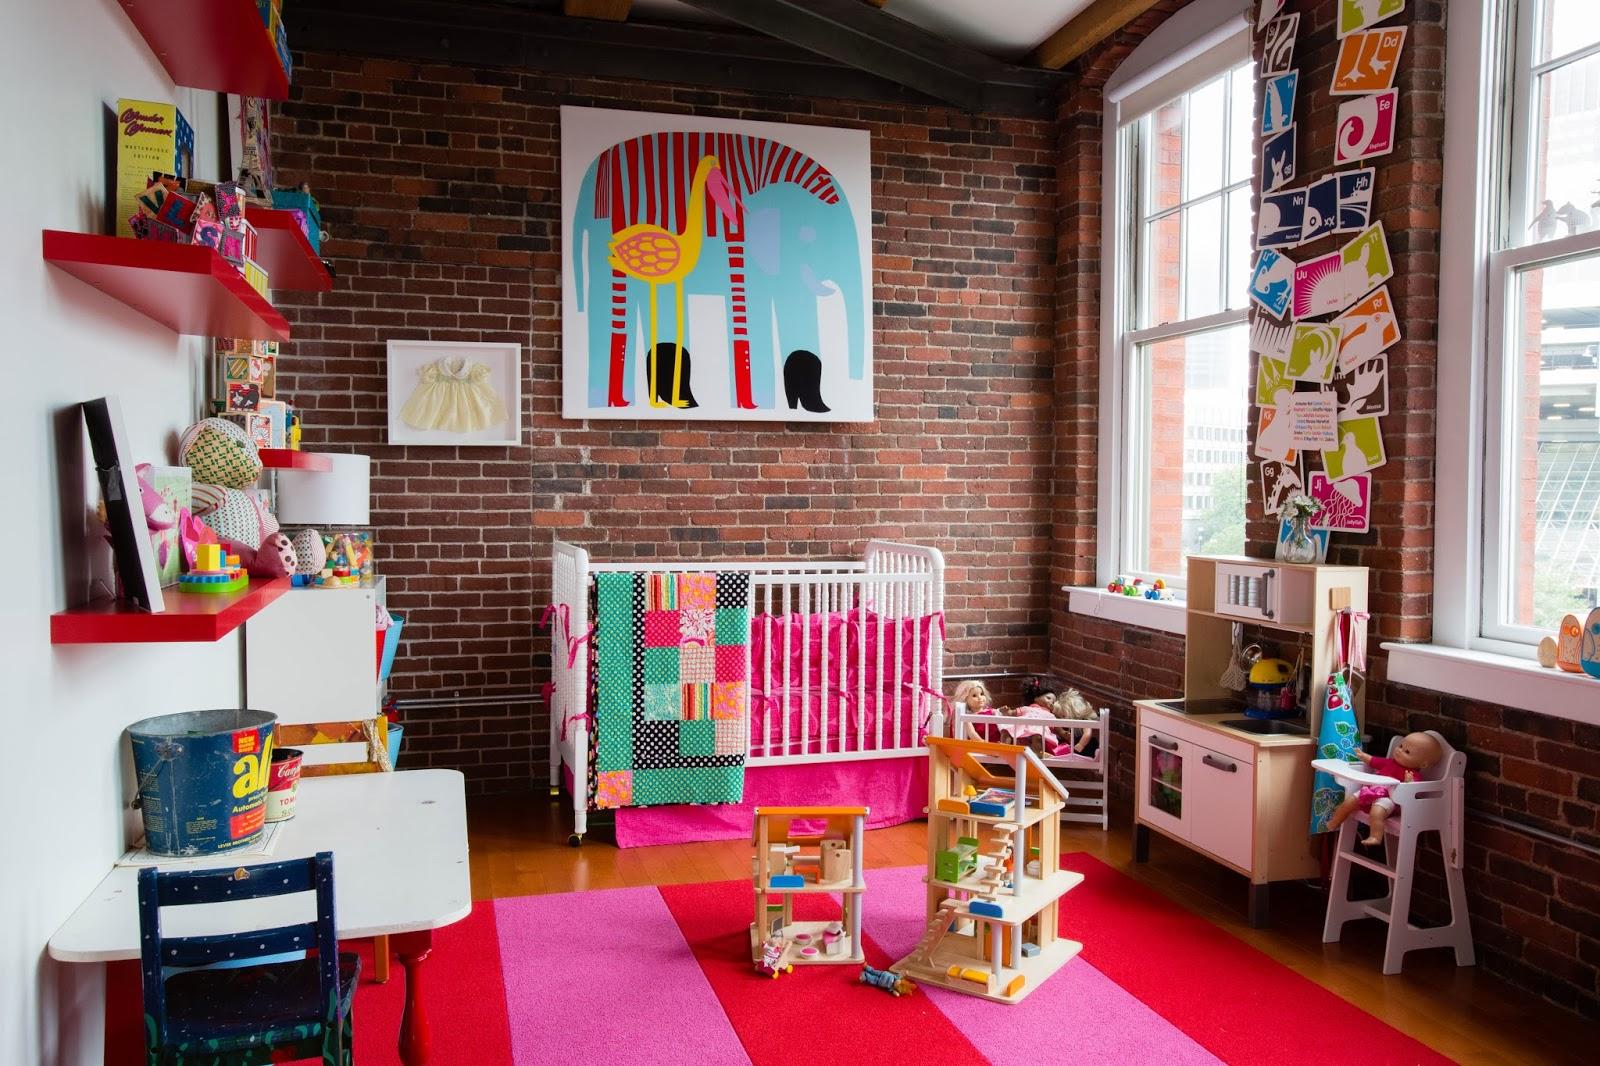 Minimalismo con lujo de detalles project owling - Ideas para decorar habitaciones infantiles ...